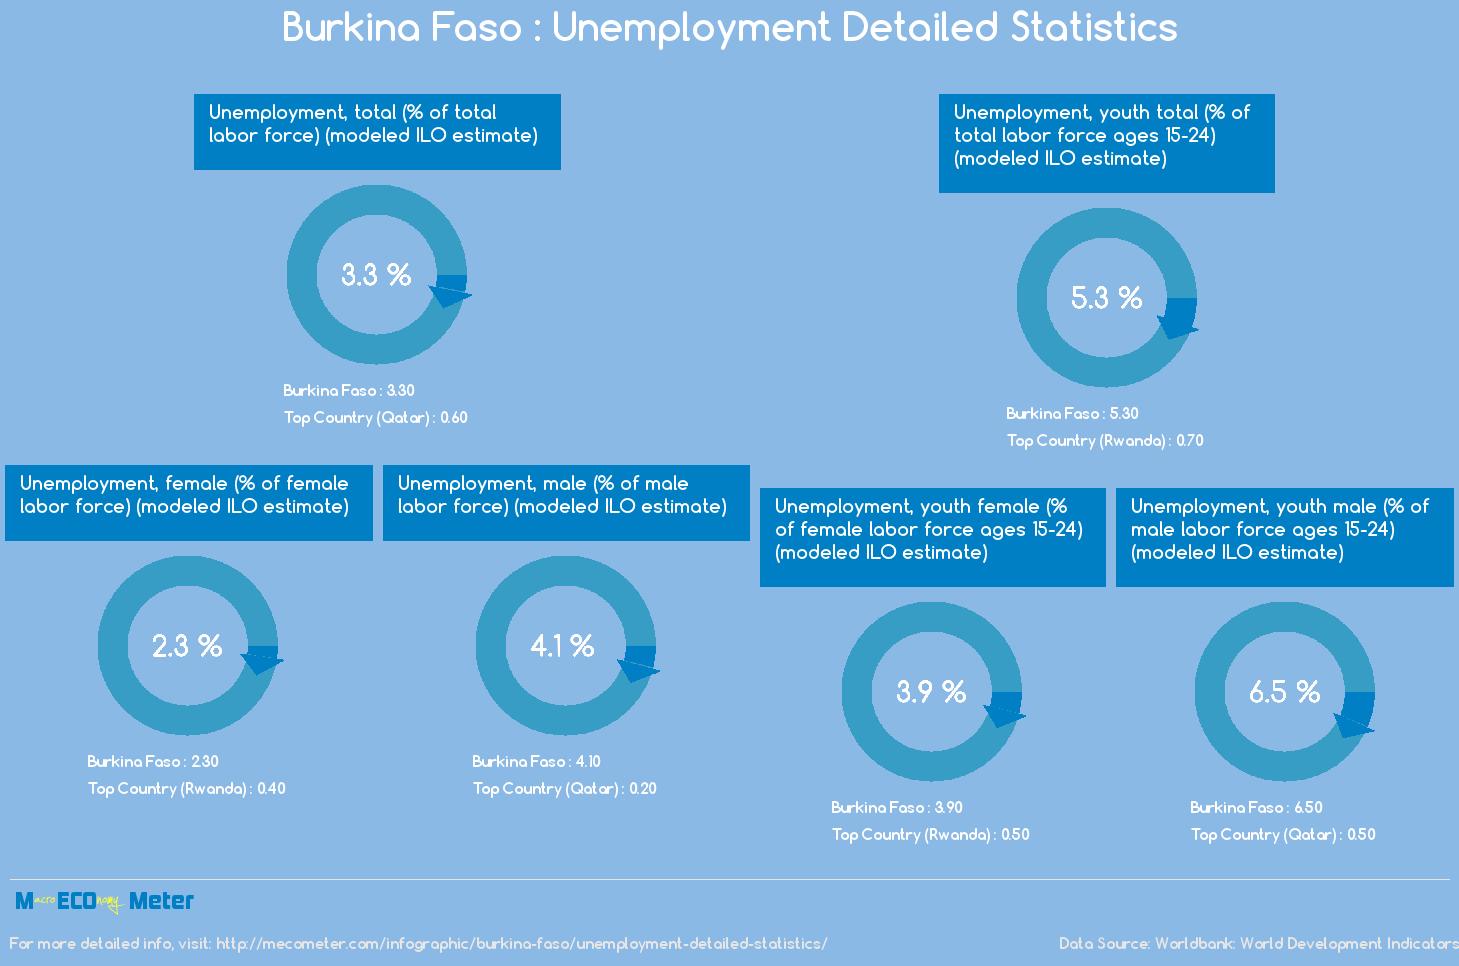 Burkina Faso : Unemployment Detailed Statistics